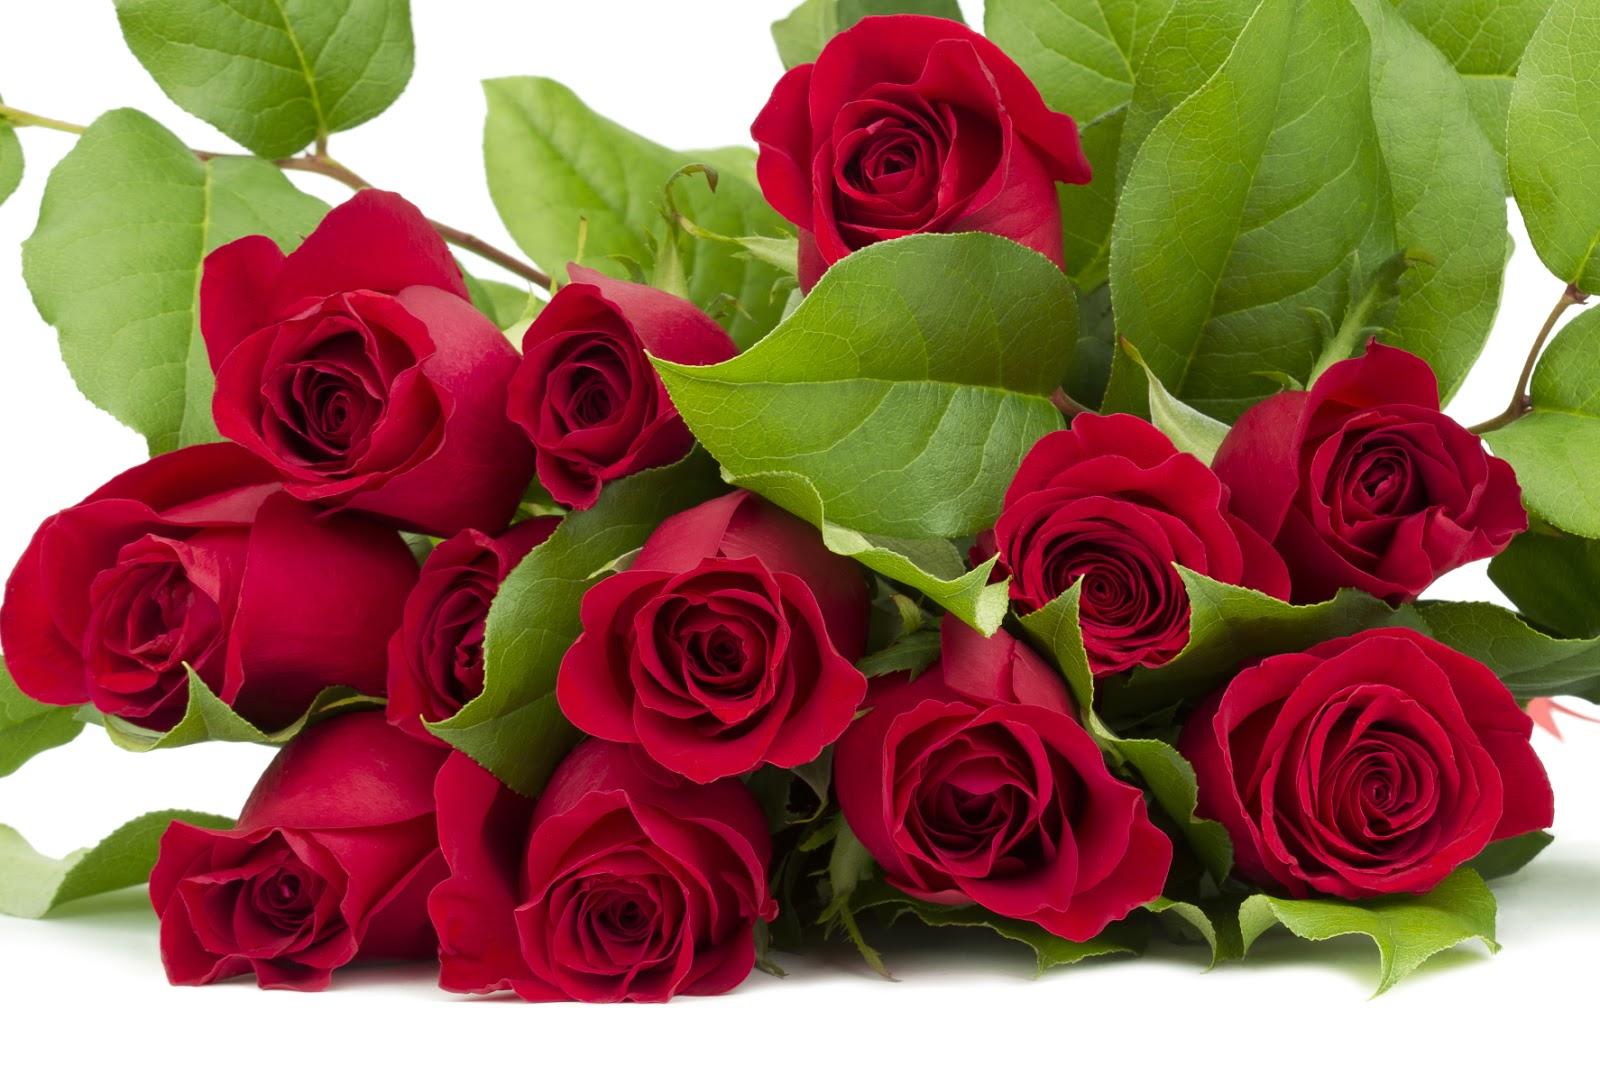 Día de San Valentín, 14 de febrero, día del Amor y la Amistad